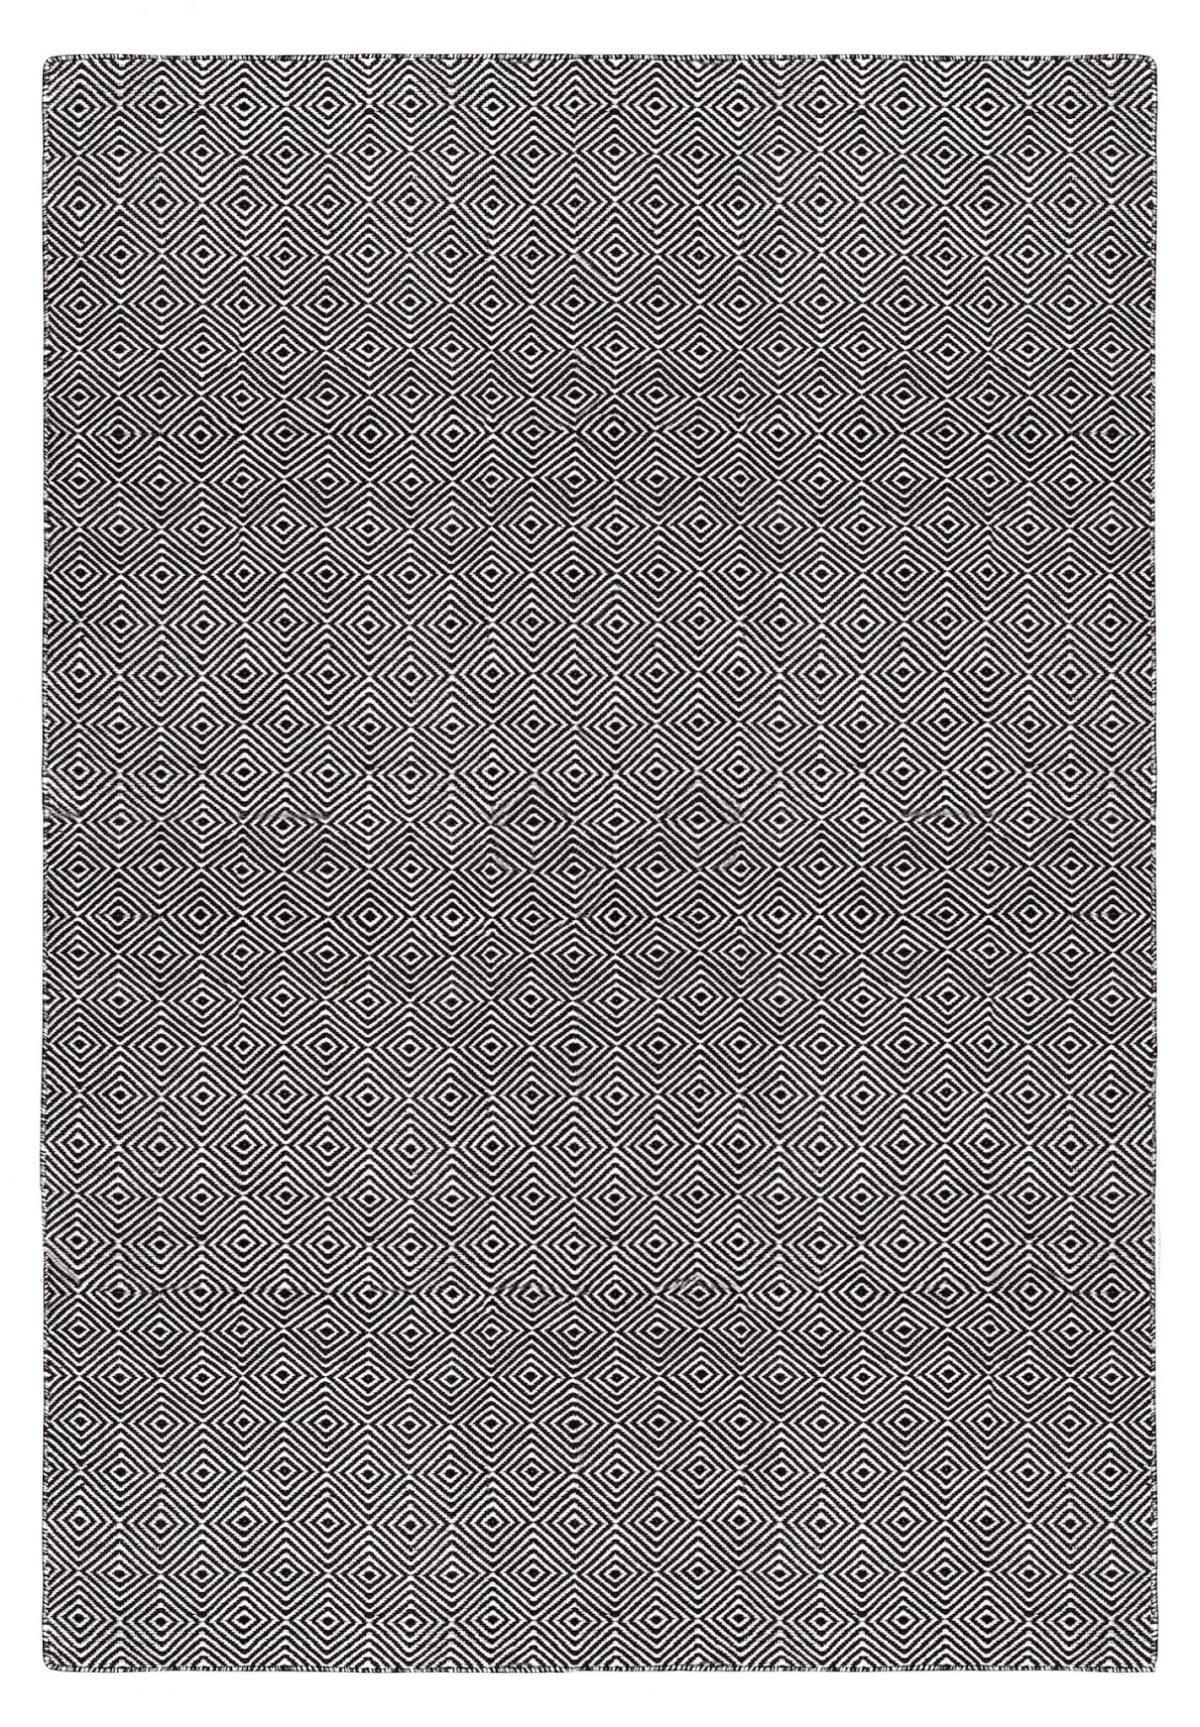 Luxe buitenkleed design 10 zwart wit